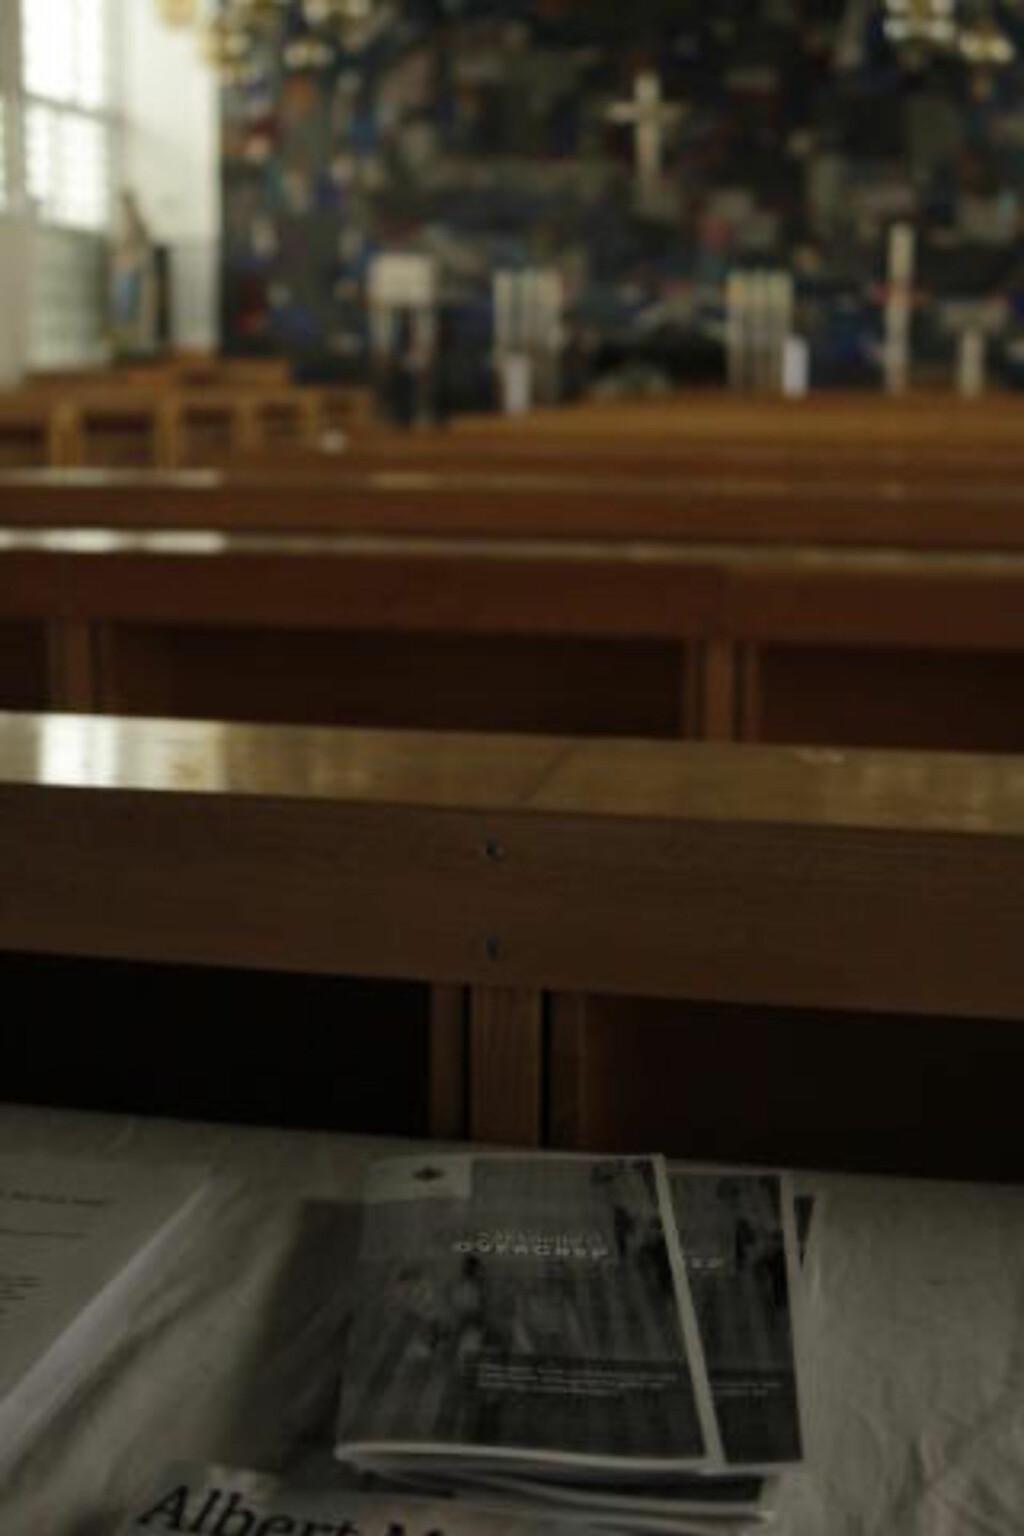 SEKSUELLE OVERGREP: Det er i dag lagt ut informasjonsbrosjyrer om seksuelle overgrep i St. Olavs domkrike i Trondheim i dag. Foto: RON HOLAN